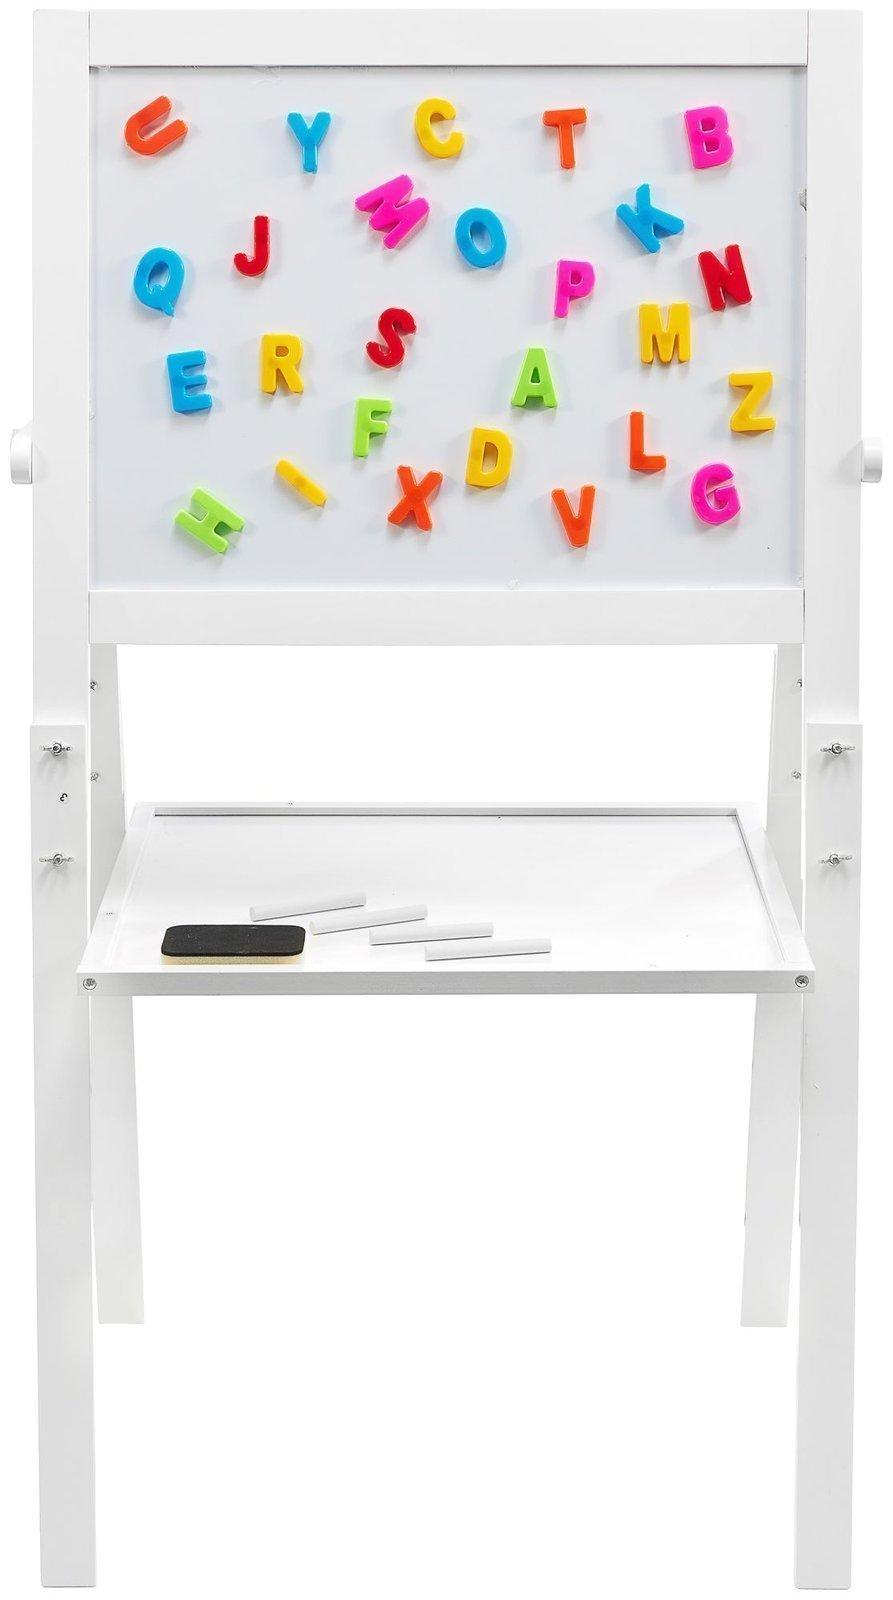 Tablica edukacyjna dwustronna: magnetyczna i kredowa - suchościeralna, drewniana, dla dzieci, składana